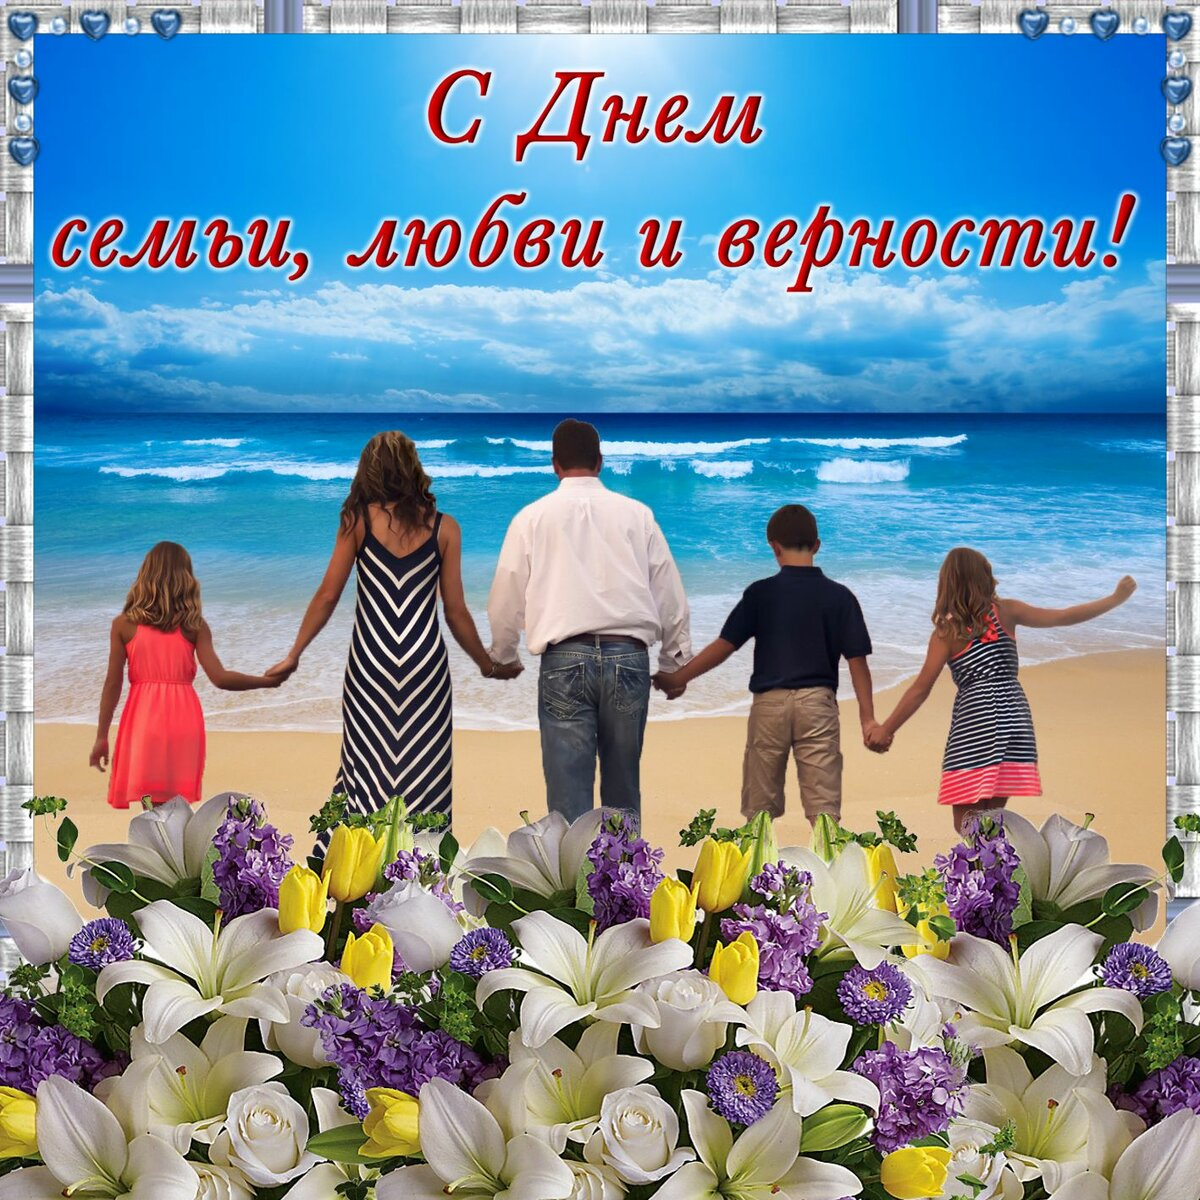 Хорошие качества картинки с днем семьи